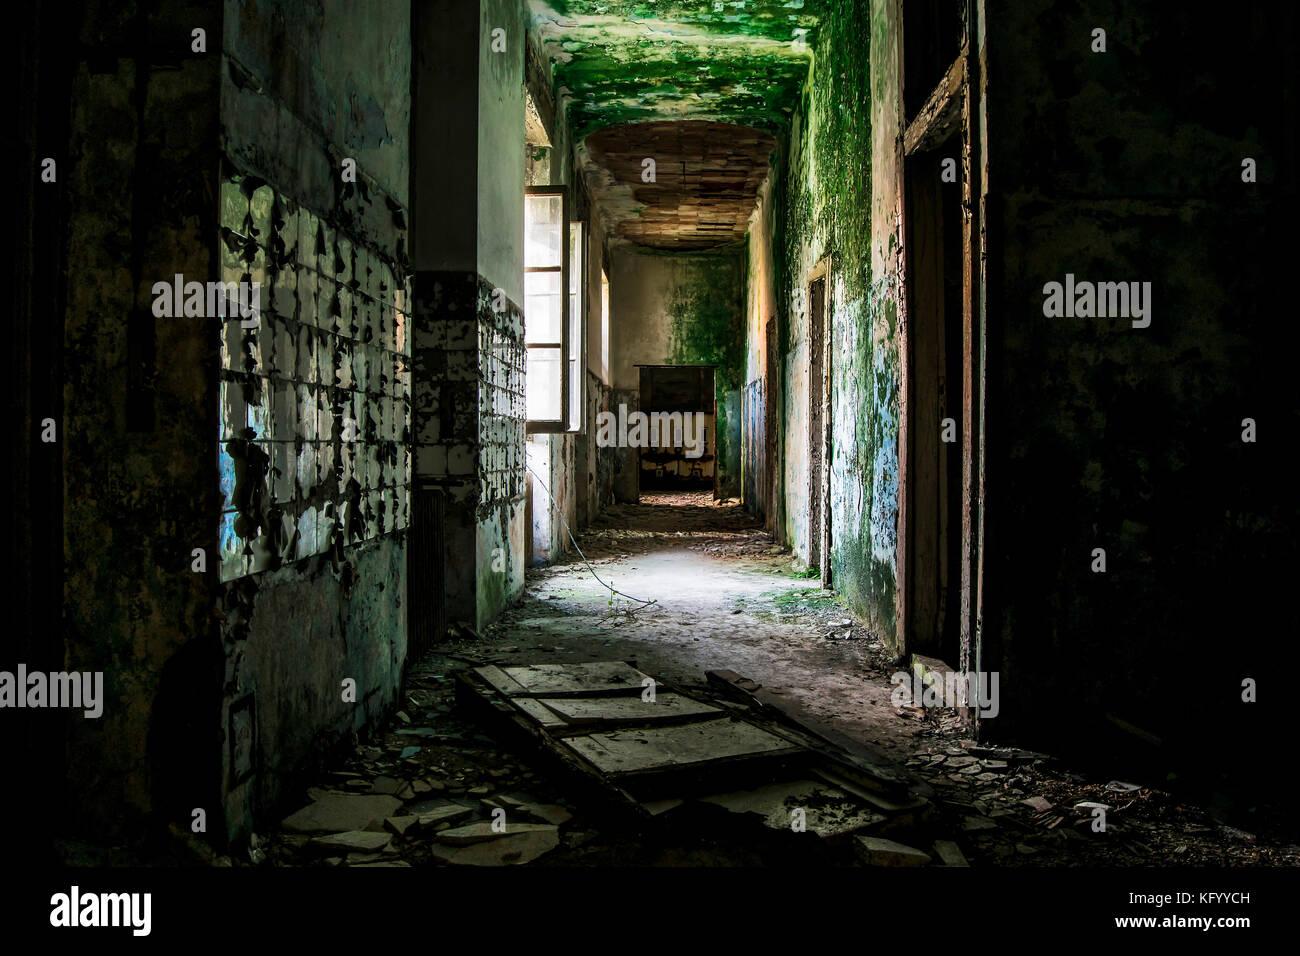 Eine Aussicht auf eine gruselige corridon in einem psychiatrischen Krankenhaus verlassen vor einigen Jahren Stockbild